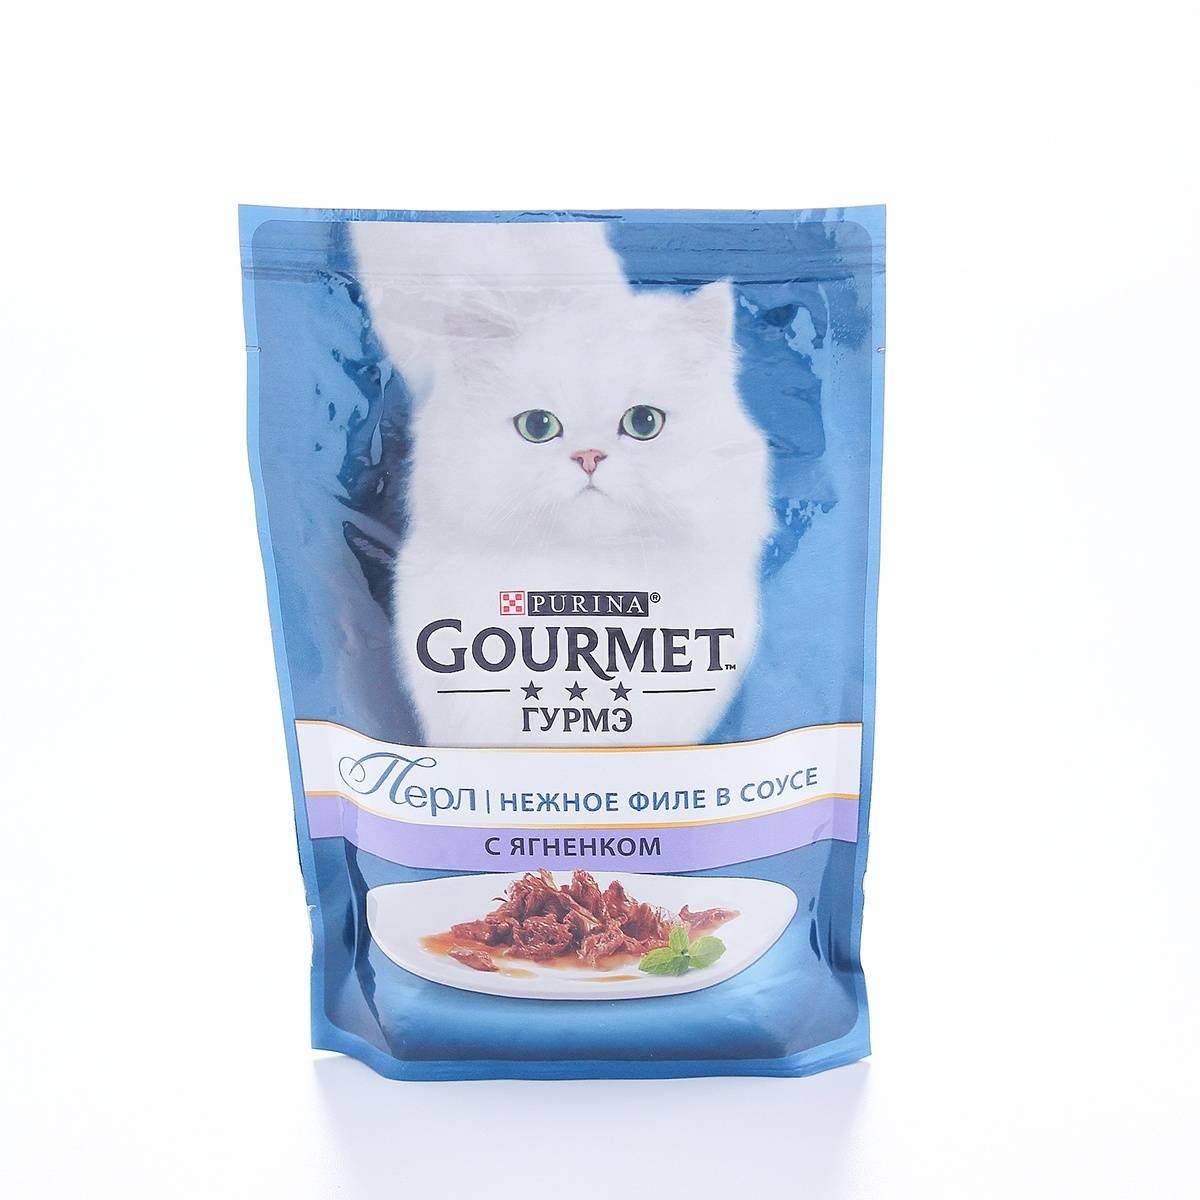 Корм для кошек gourmet: отзывы, разбор состава, цена - петобзор